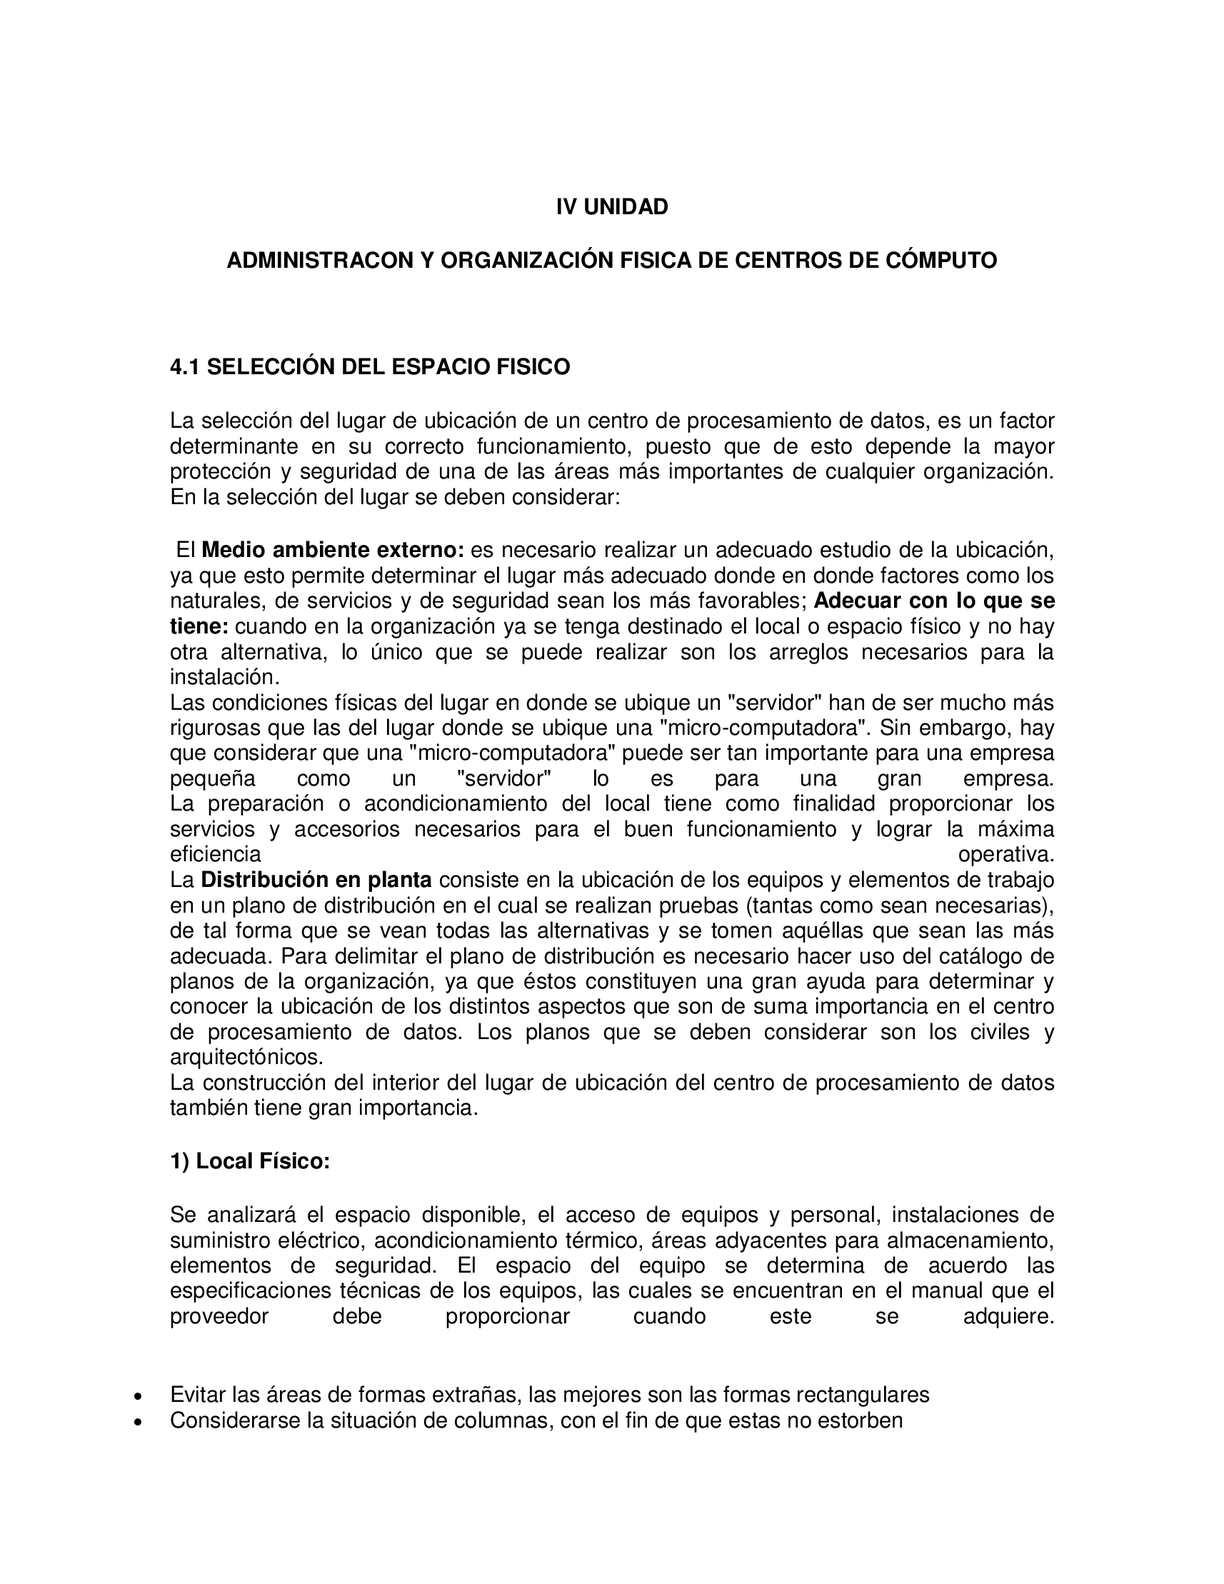 Administración y organización física de un centro de cómputo